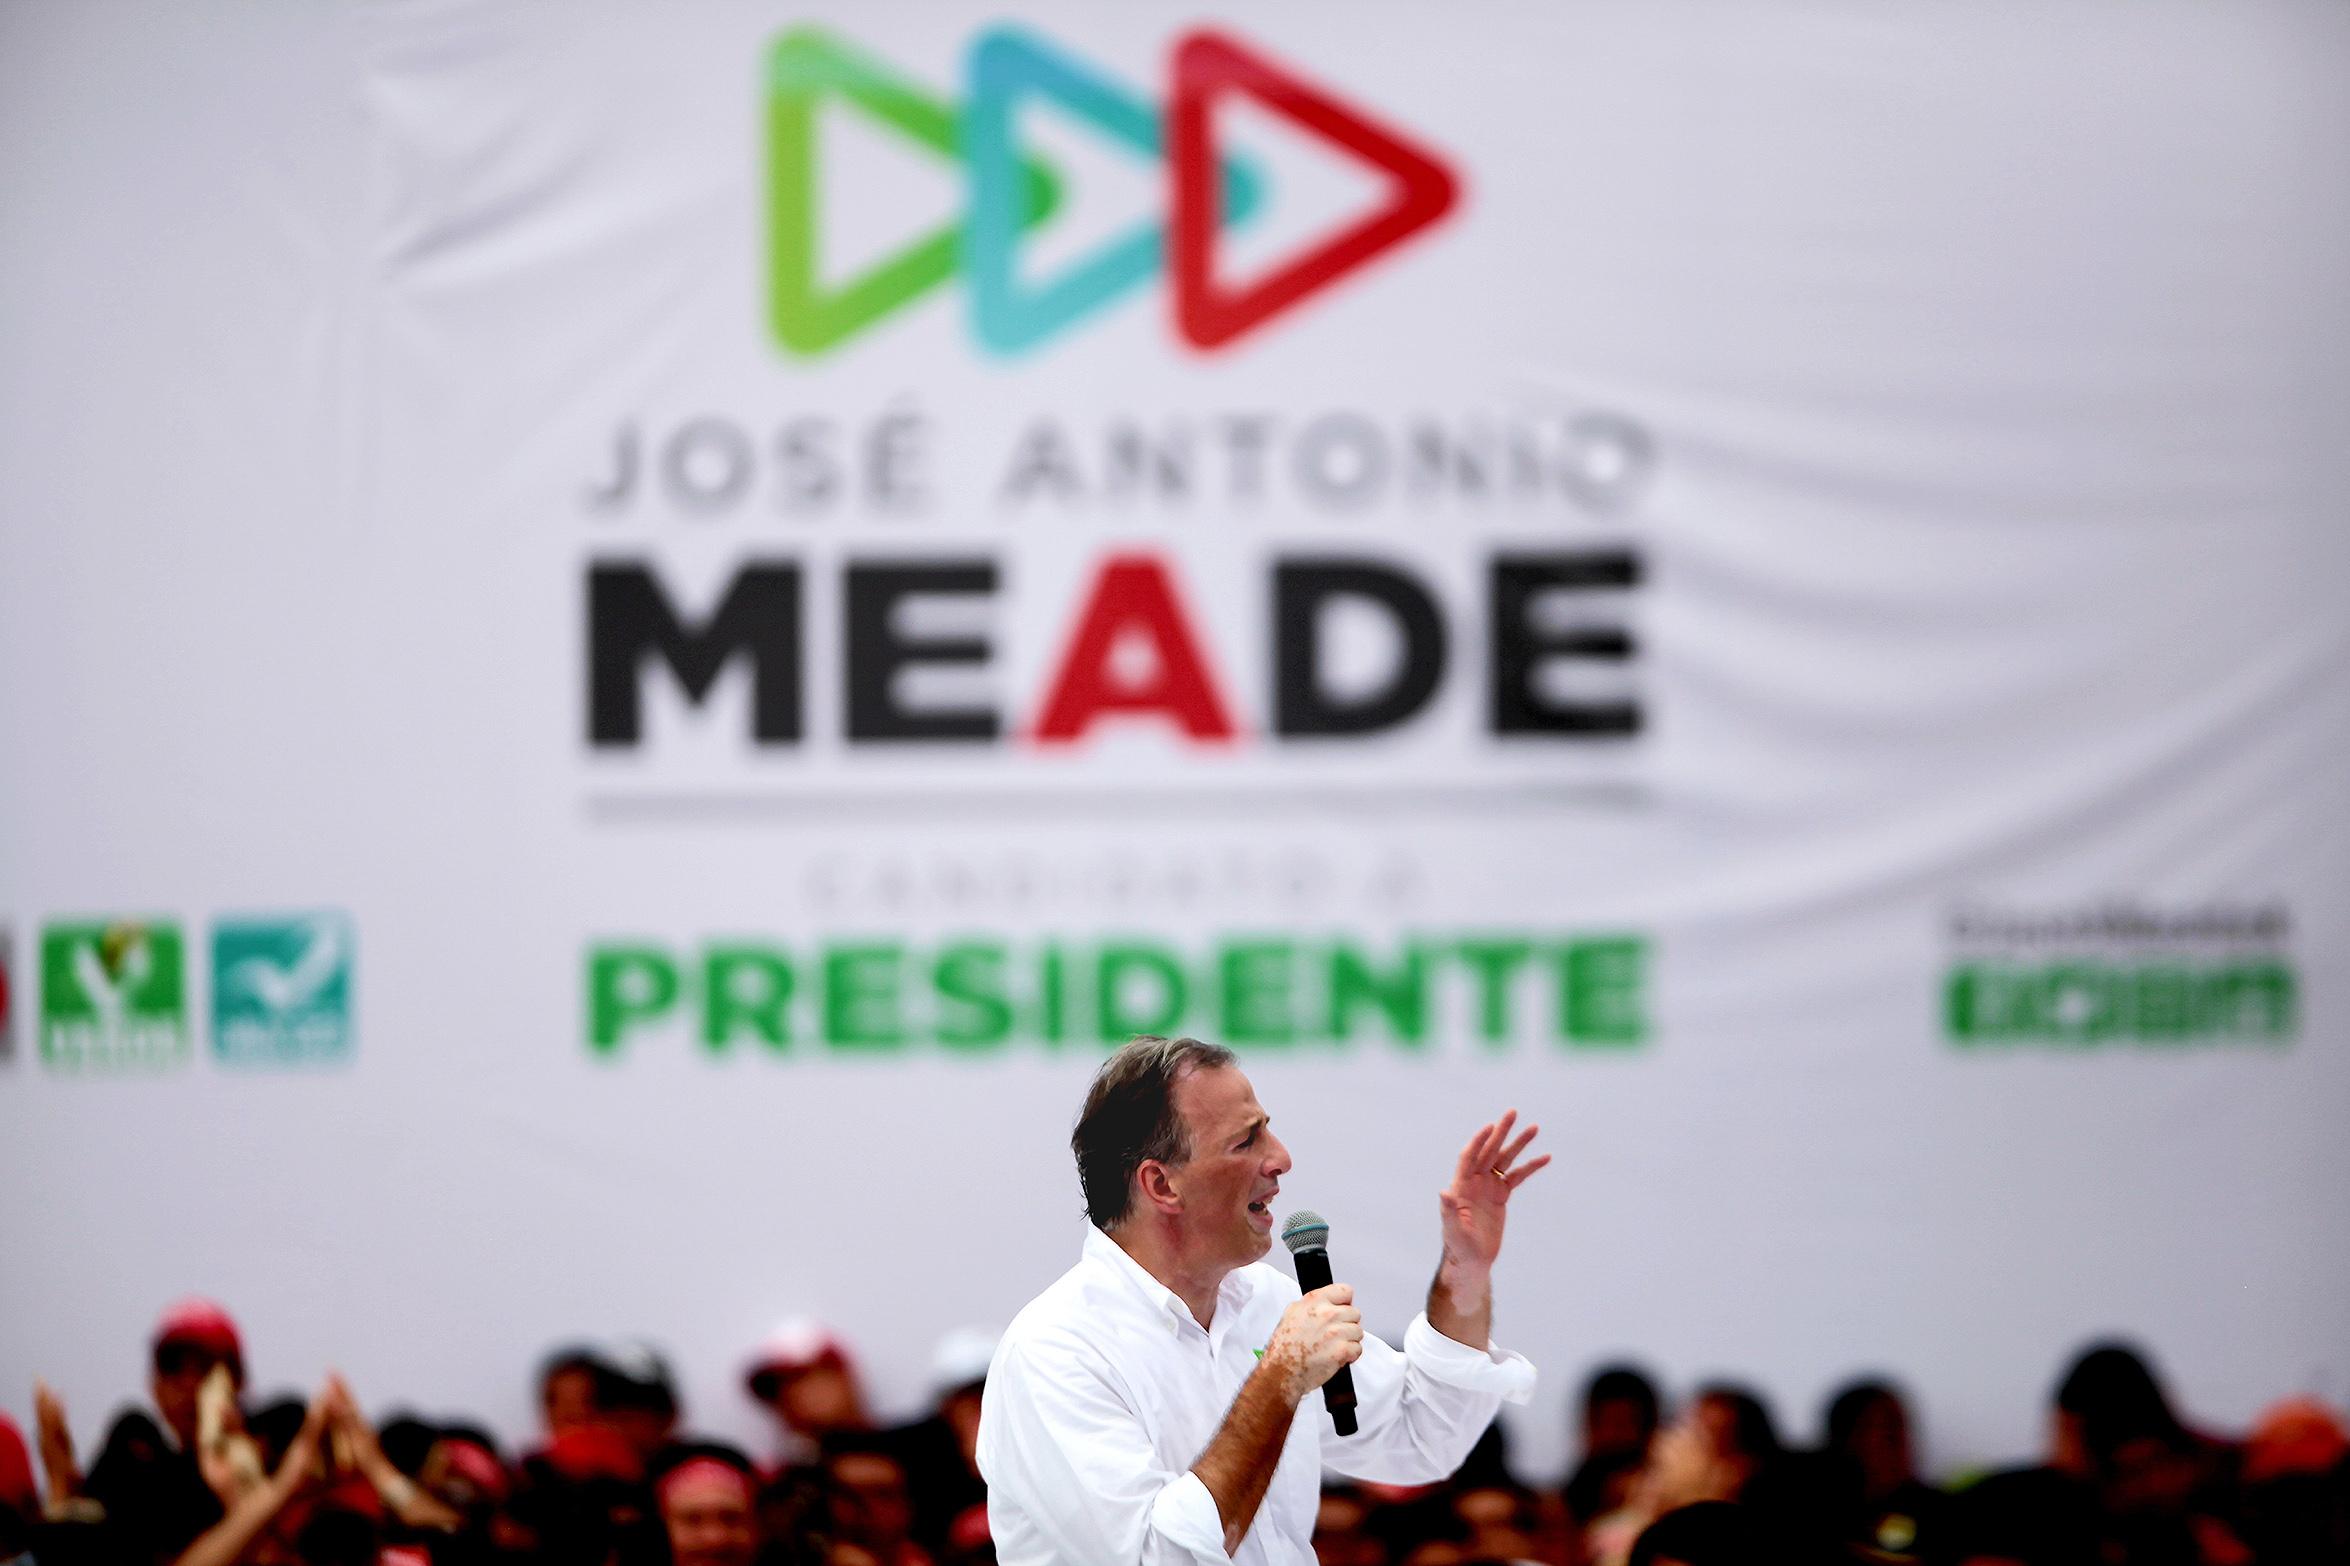 Pemex es la palanca de desarrollo de México, asegura Meade